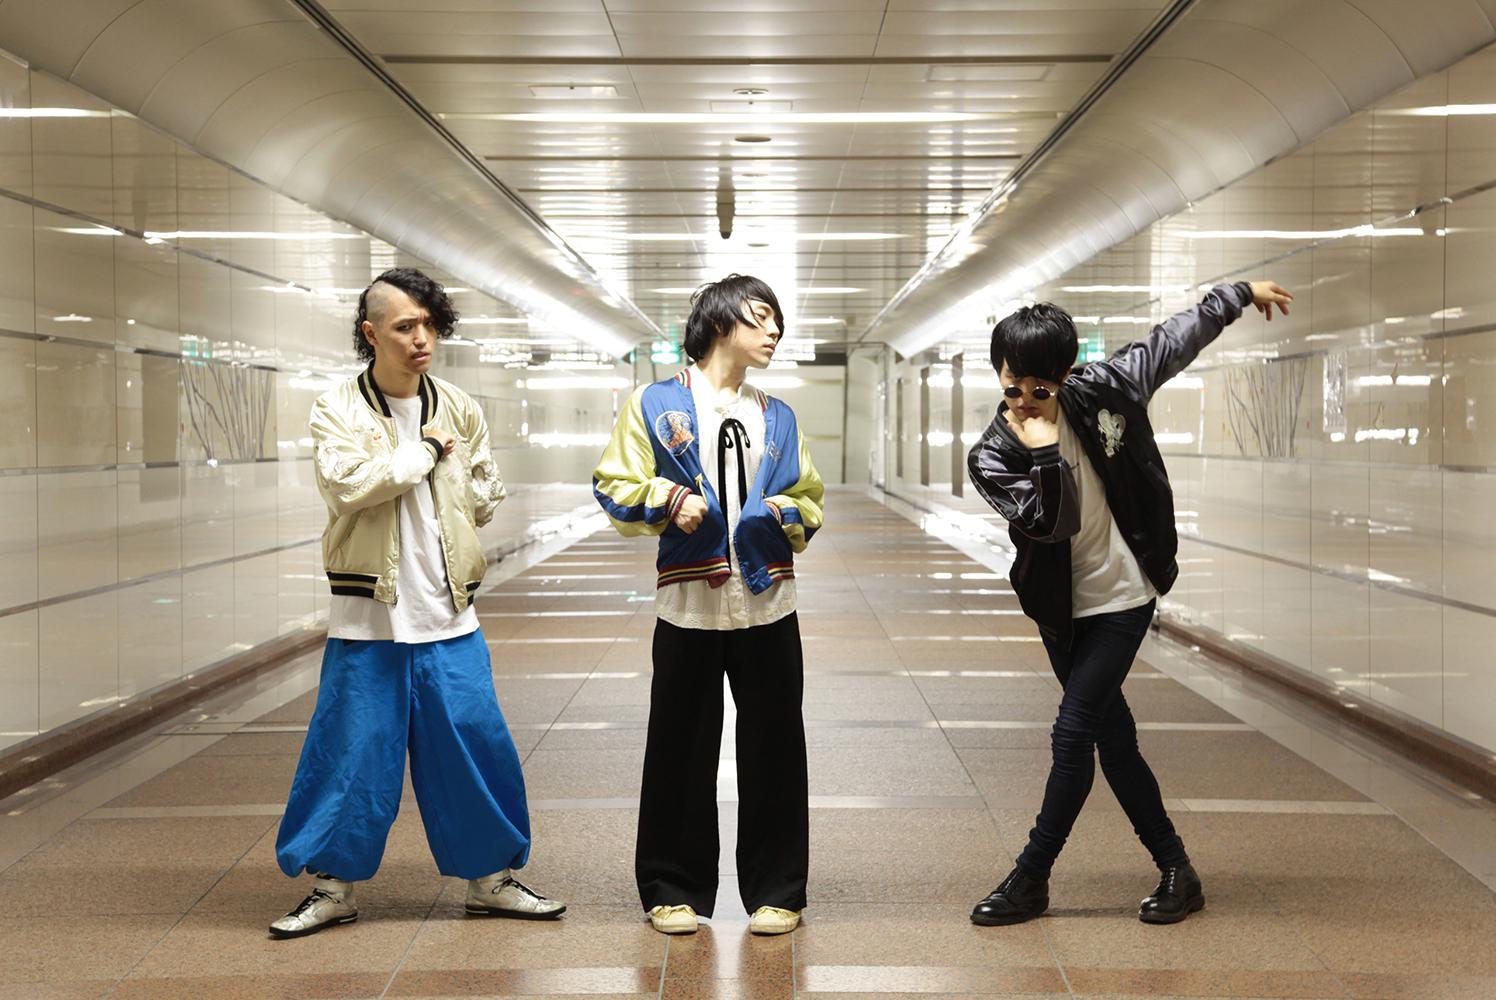 『もょもと』レコ発ツアーを10月より開催決定!新アーティスト写真も公開!